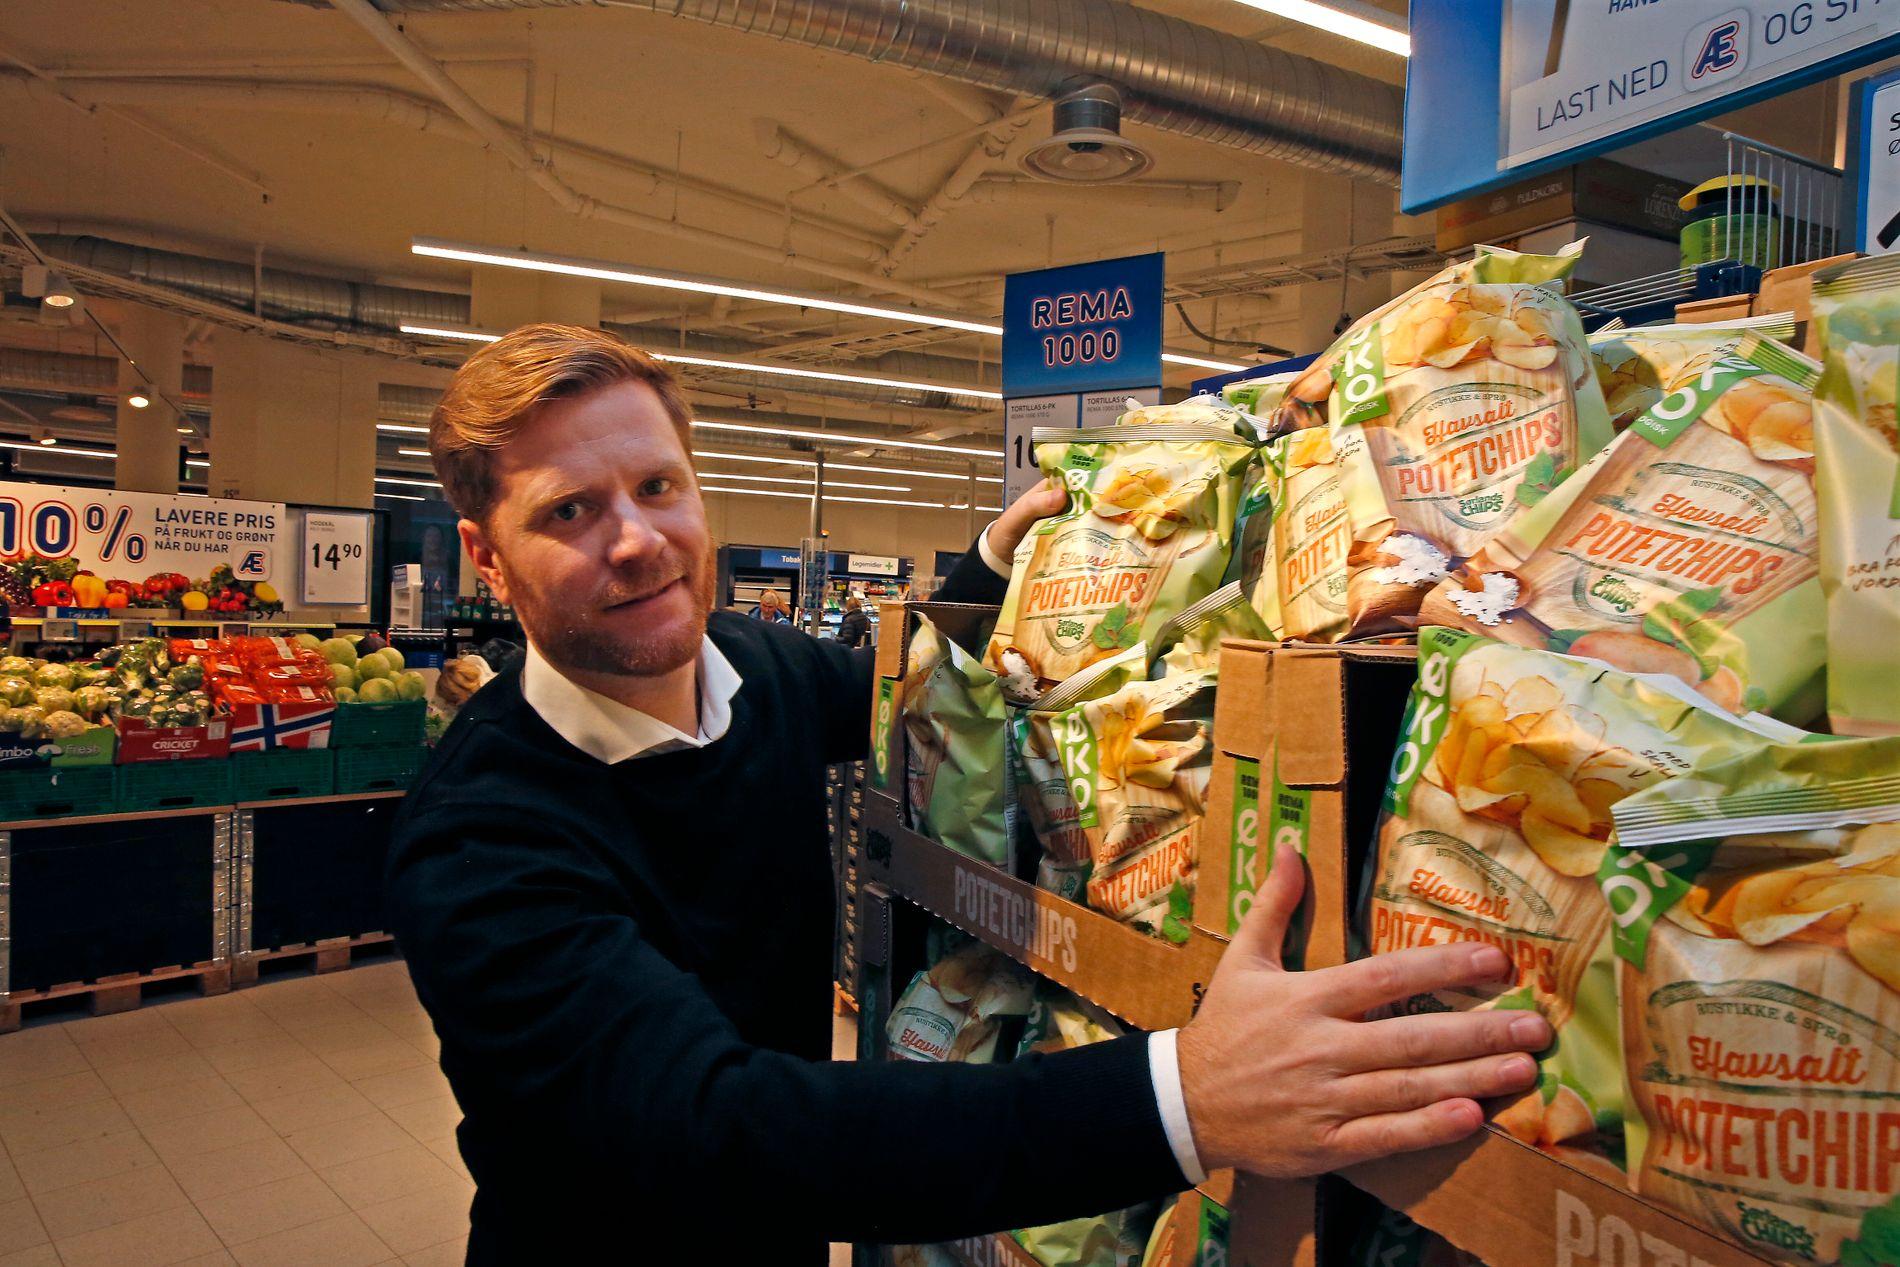 KUTTSJEF: Lars Kristian Lindberg, konserndirektør for strategi og innkjøp i Rema 1000.